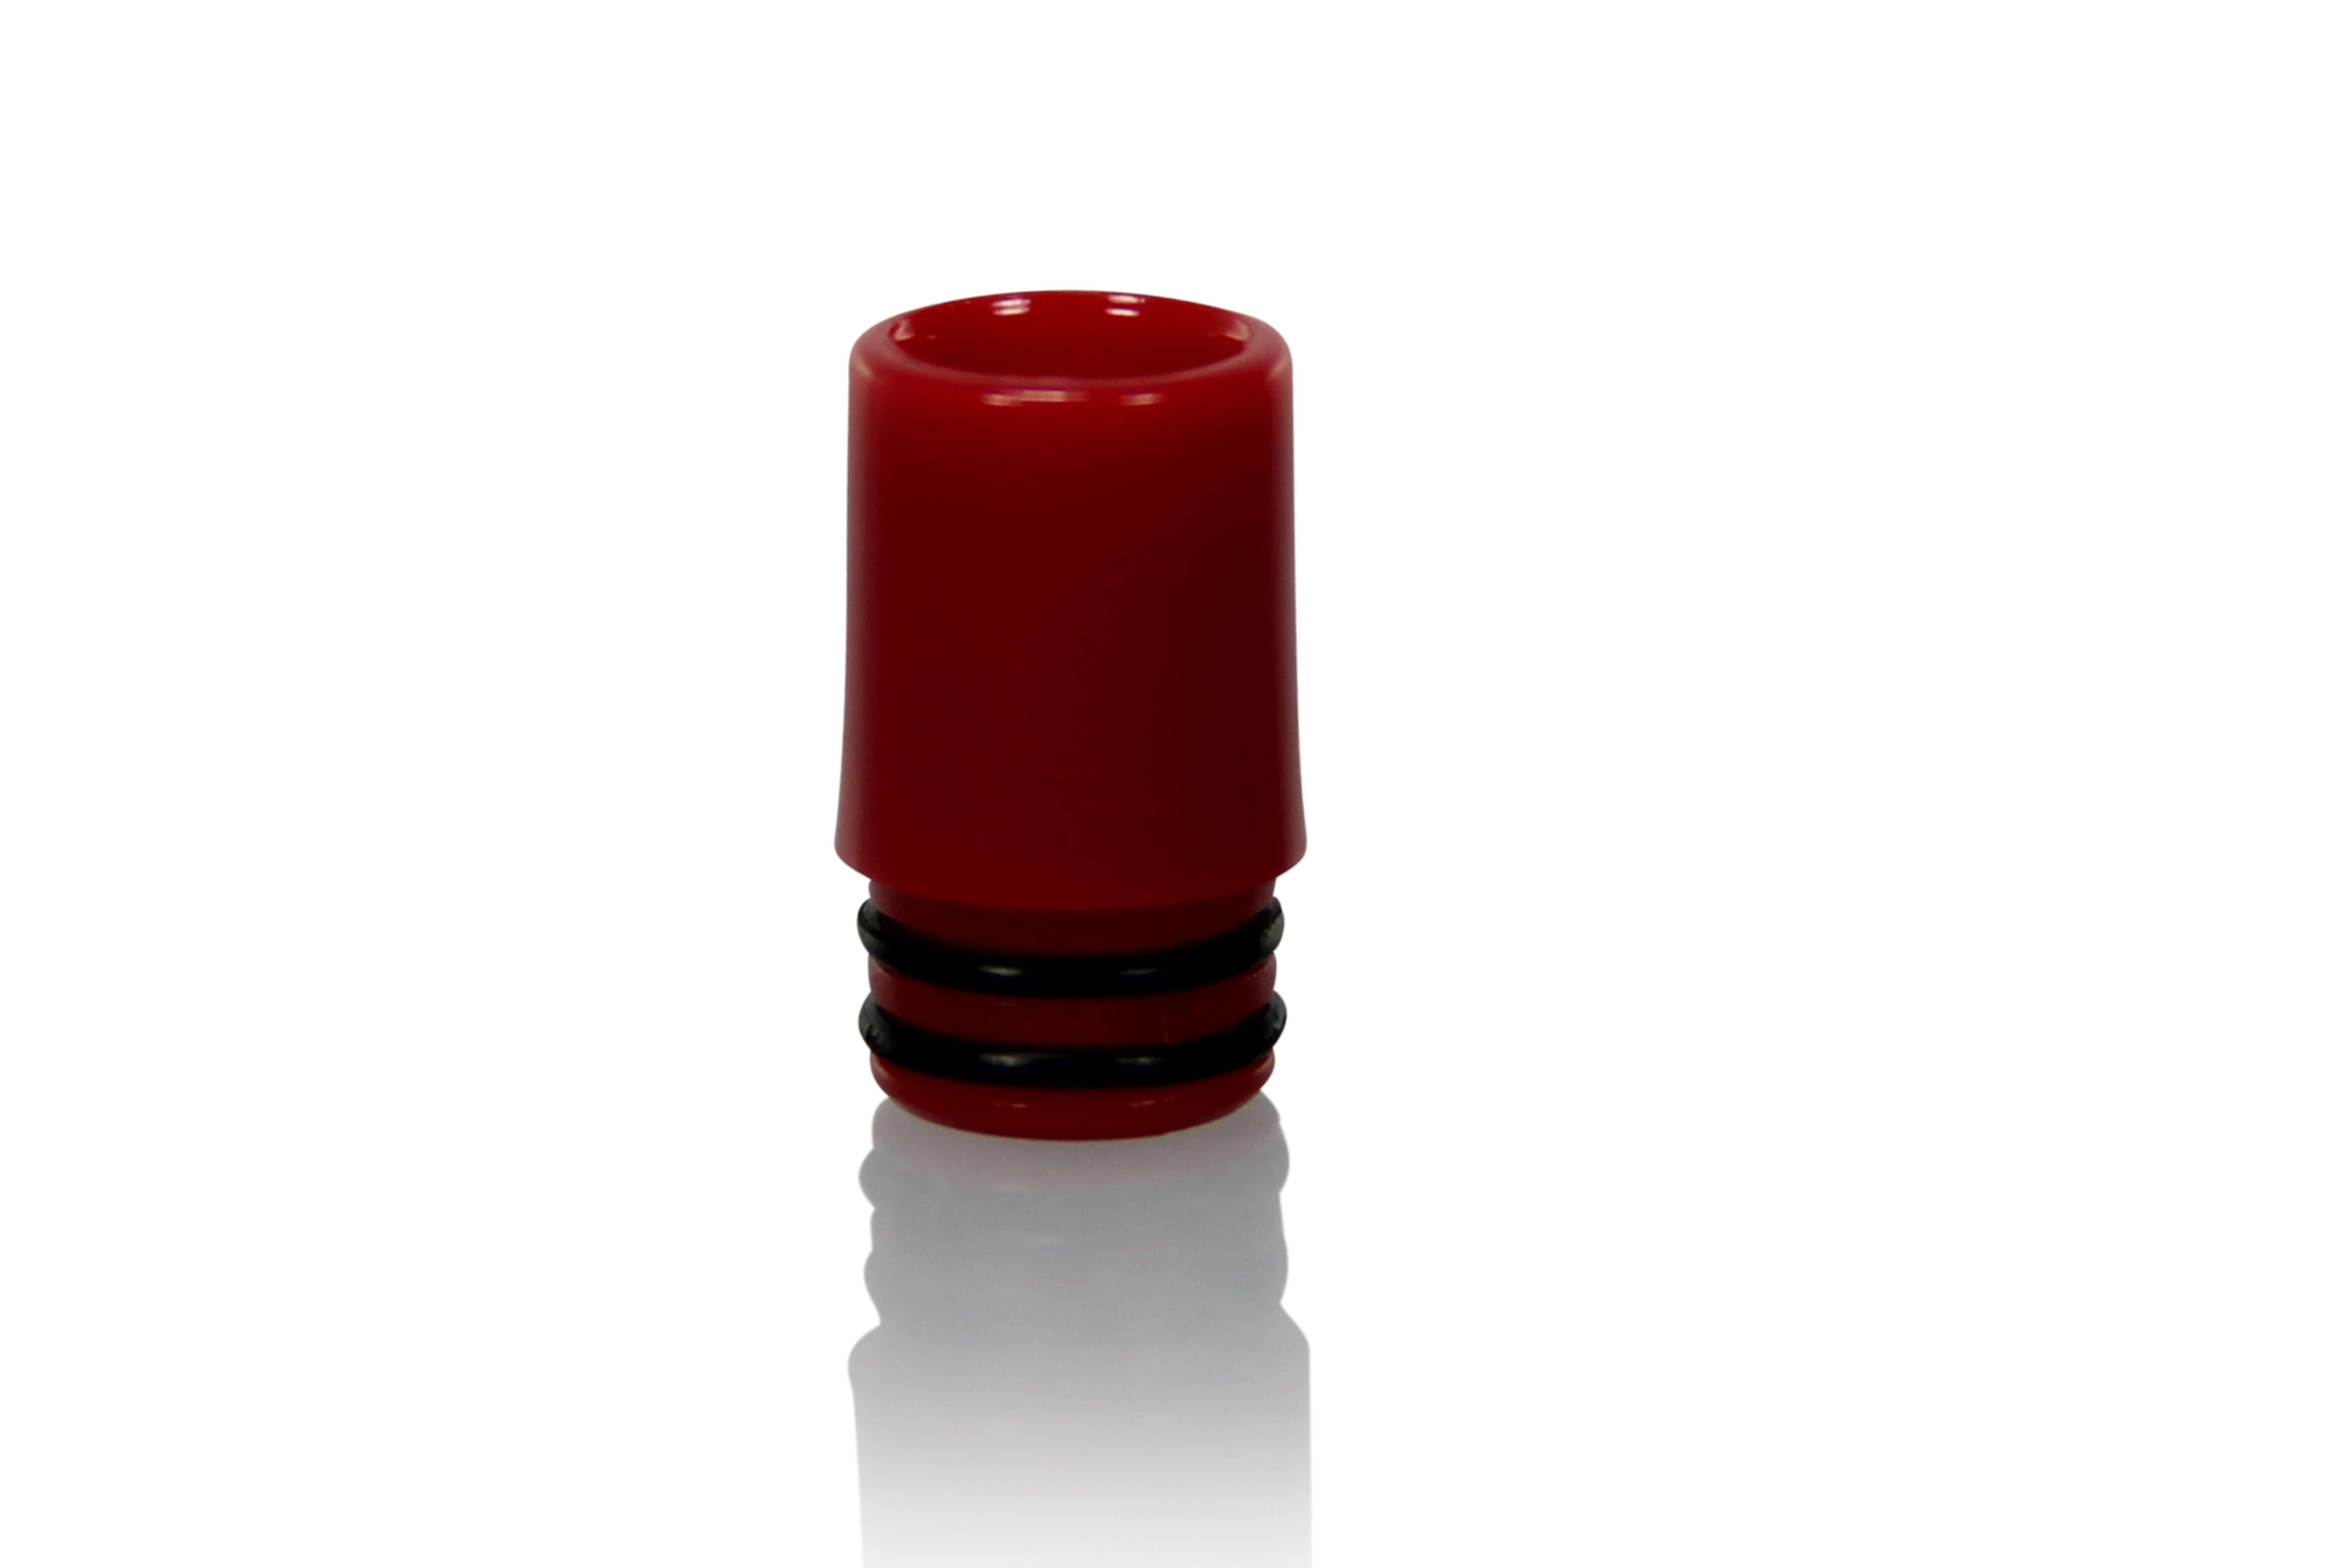 InnoCigs Spiral Mundstück burgund (5 Stück pro Packung)